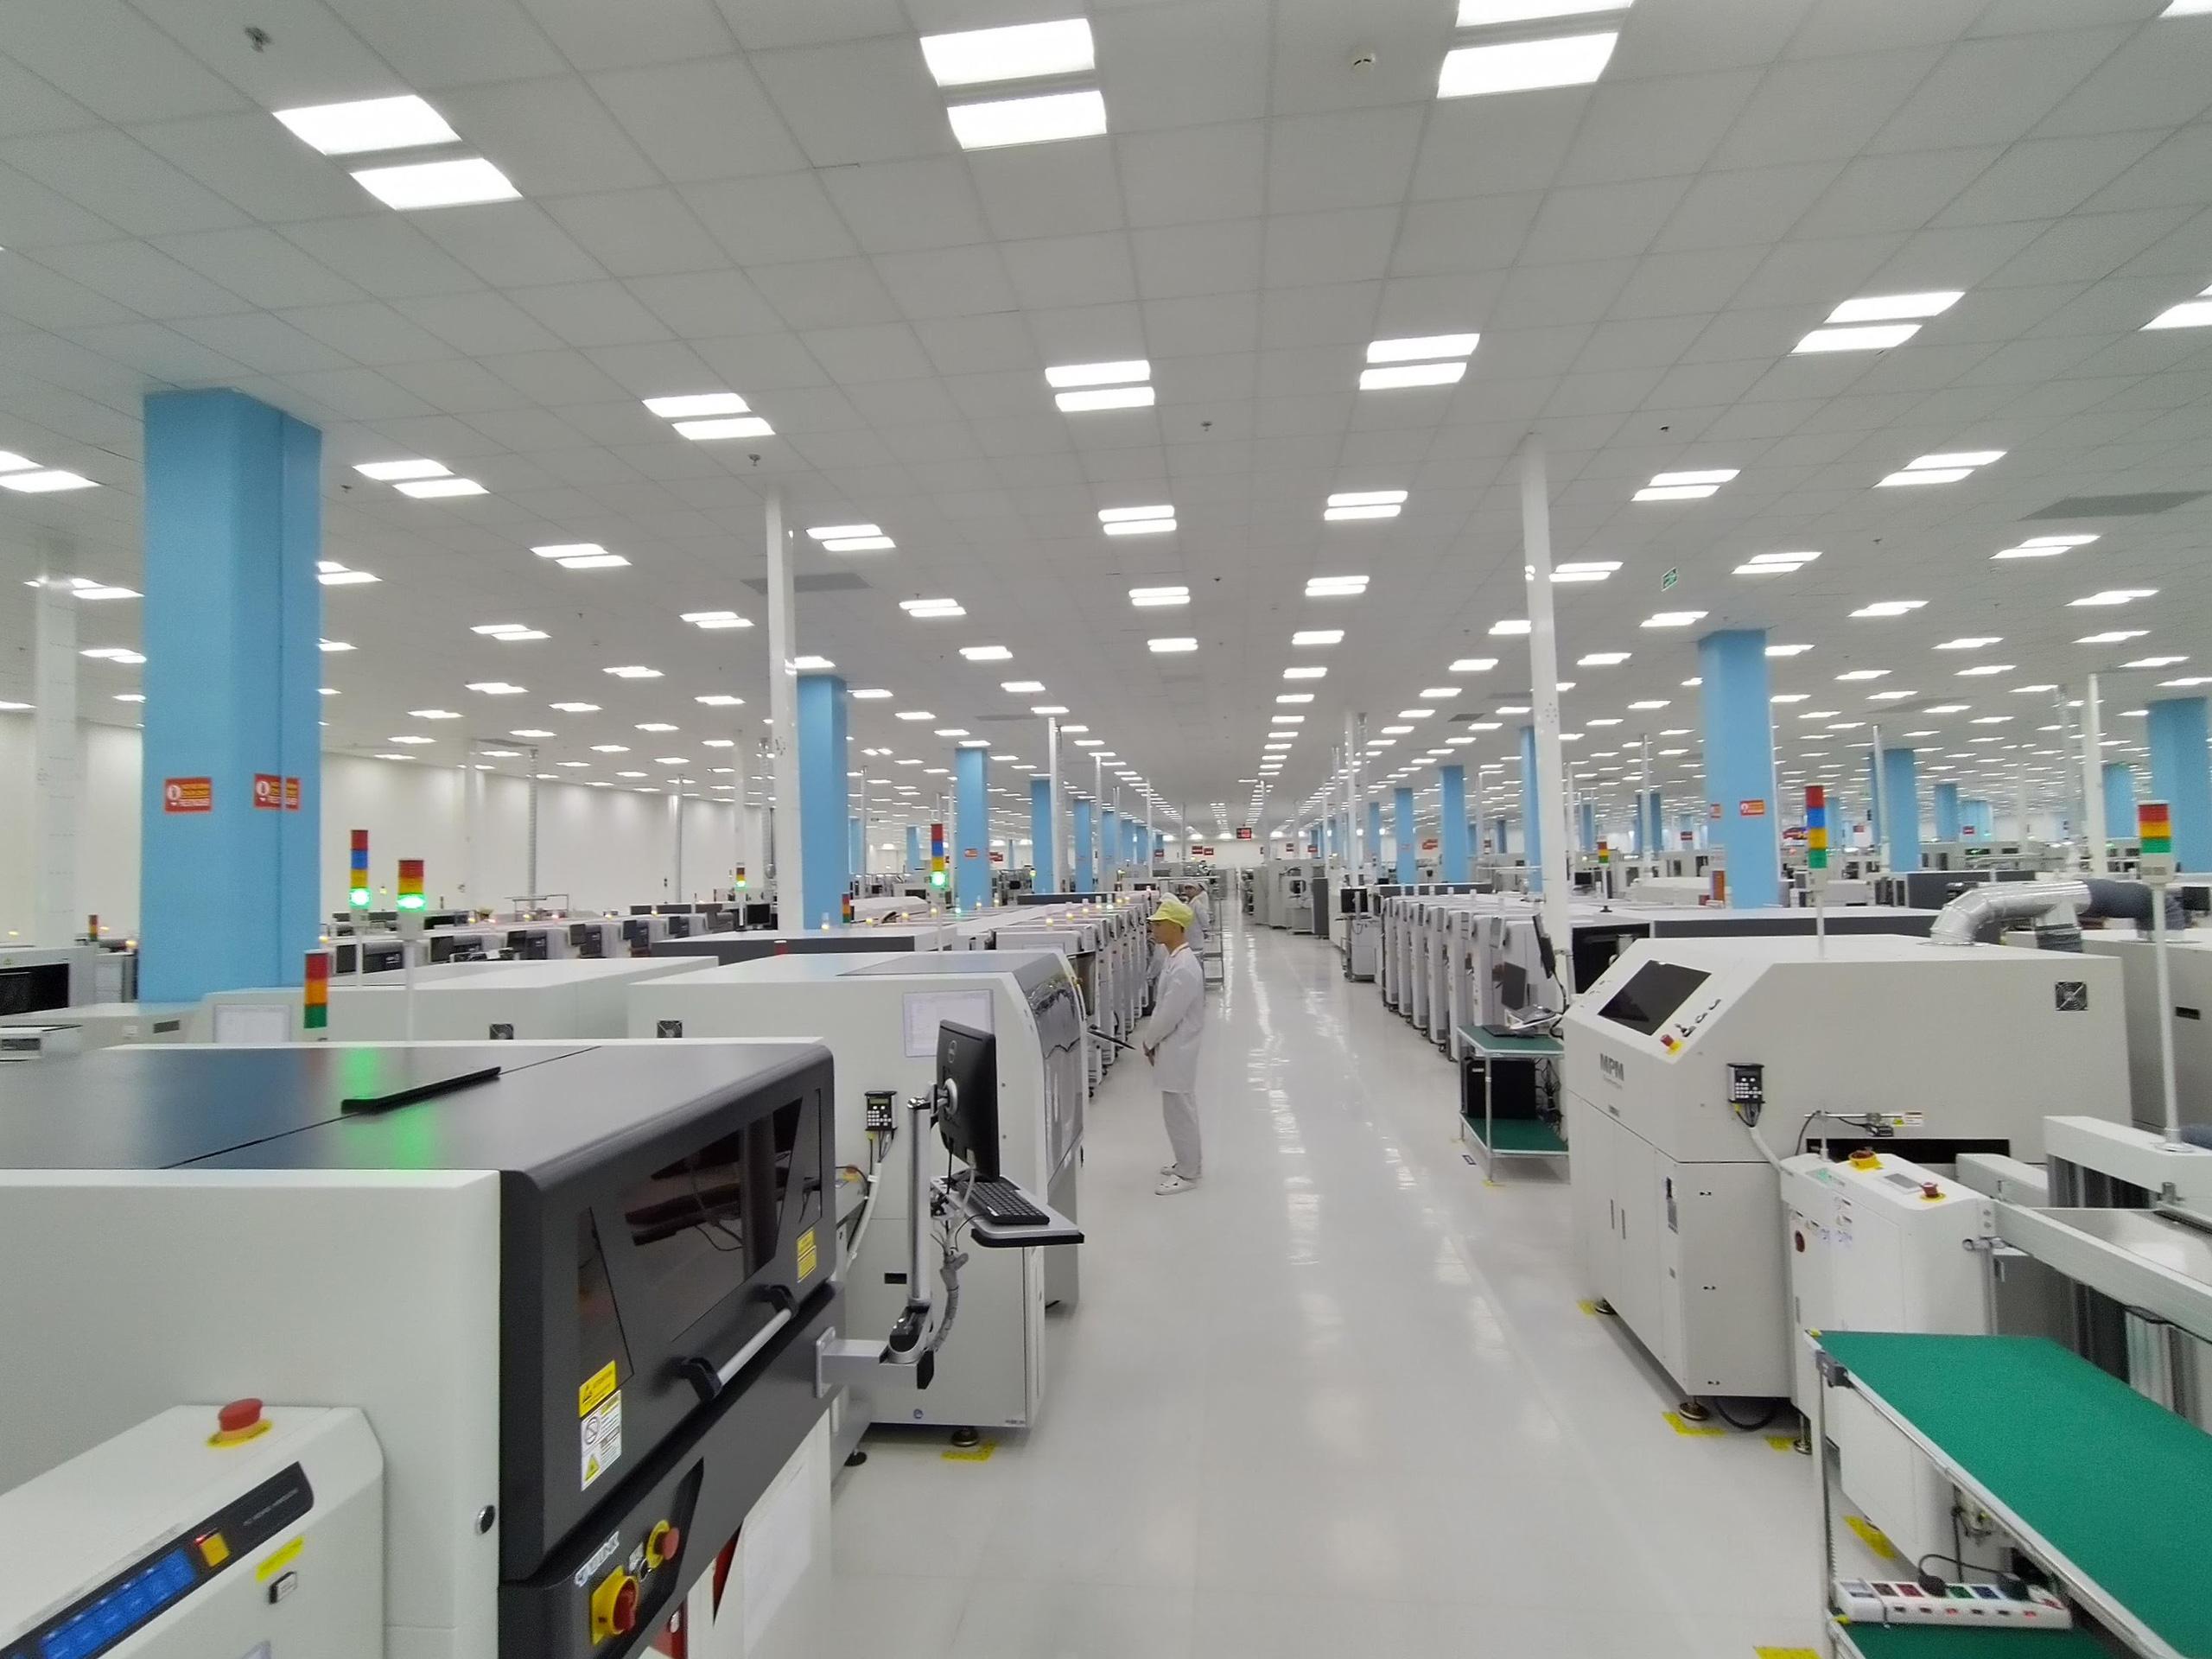 Số phận nhà máy công suất 125 triệu thiết bị mỗi năm của VinSmart khi mảng điện thoại bị đóng cửa - Ảnh 2.